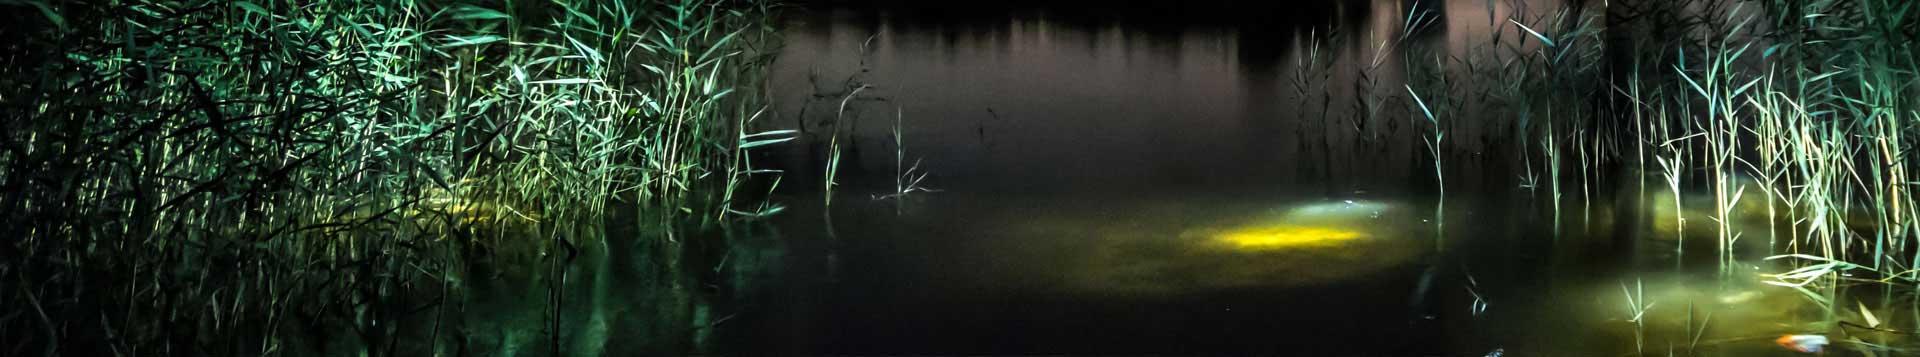 Peftect Image LED Lights